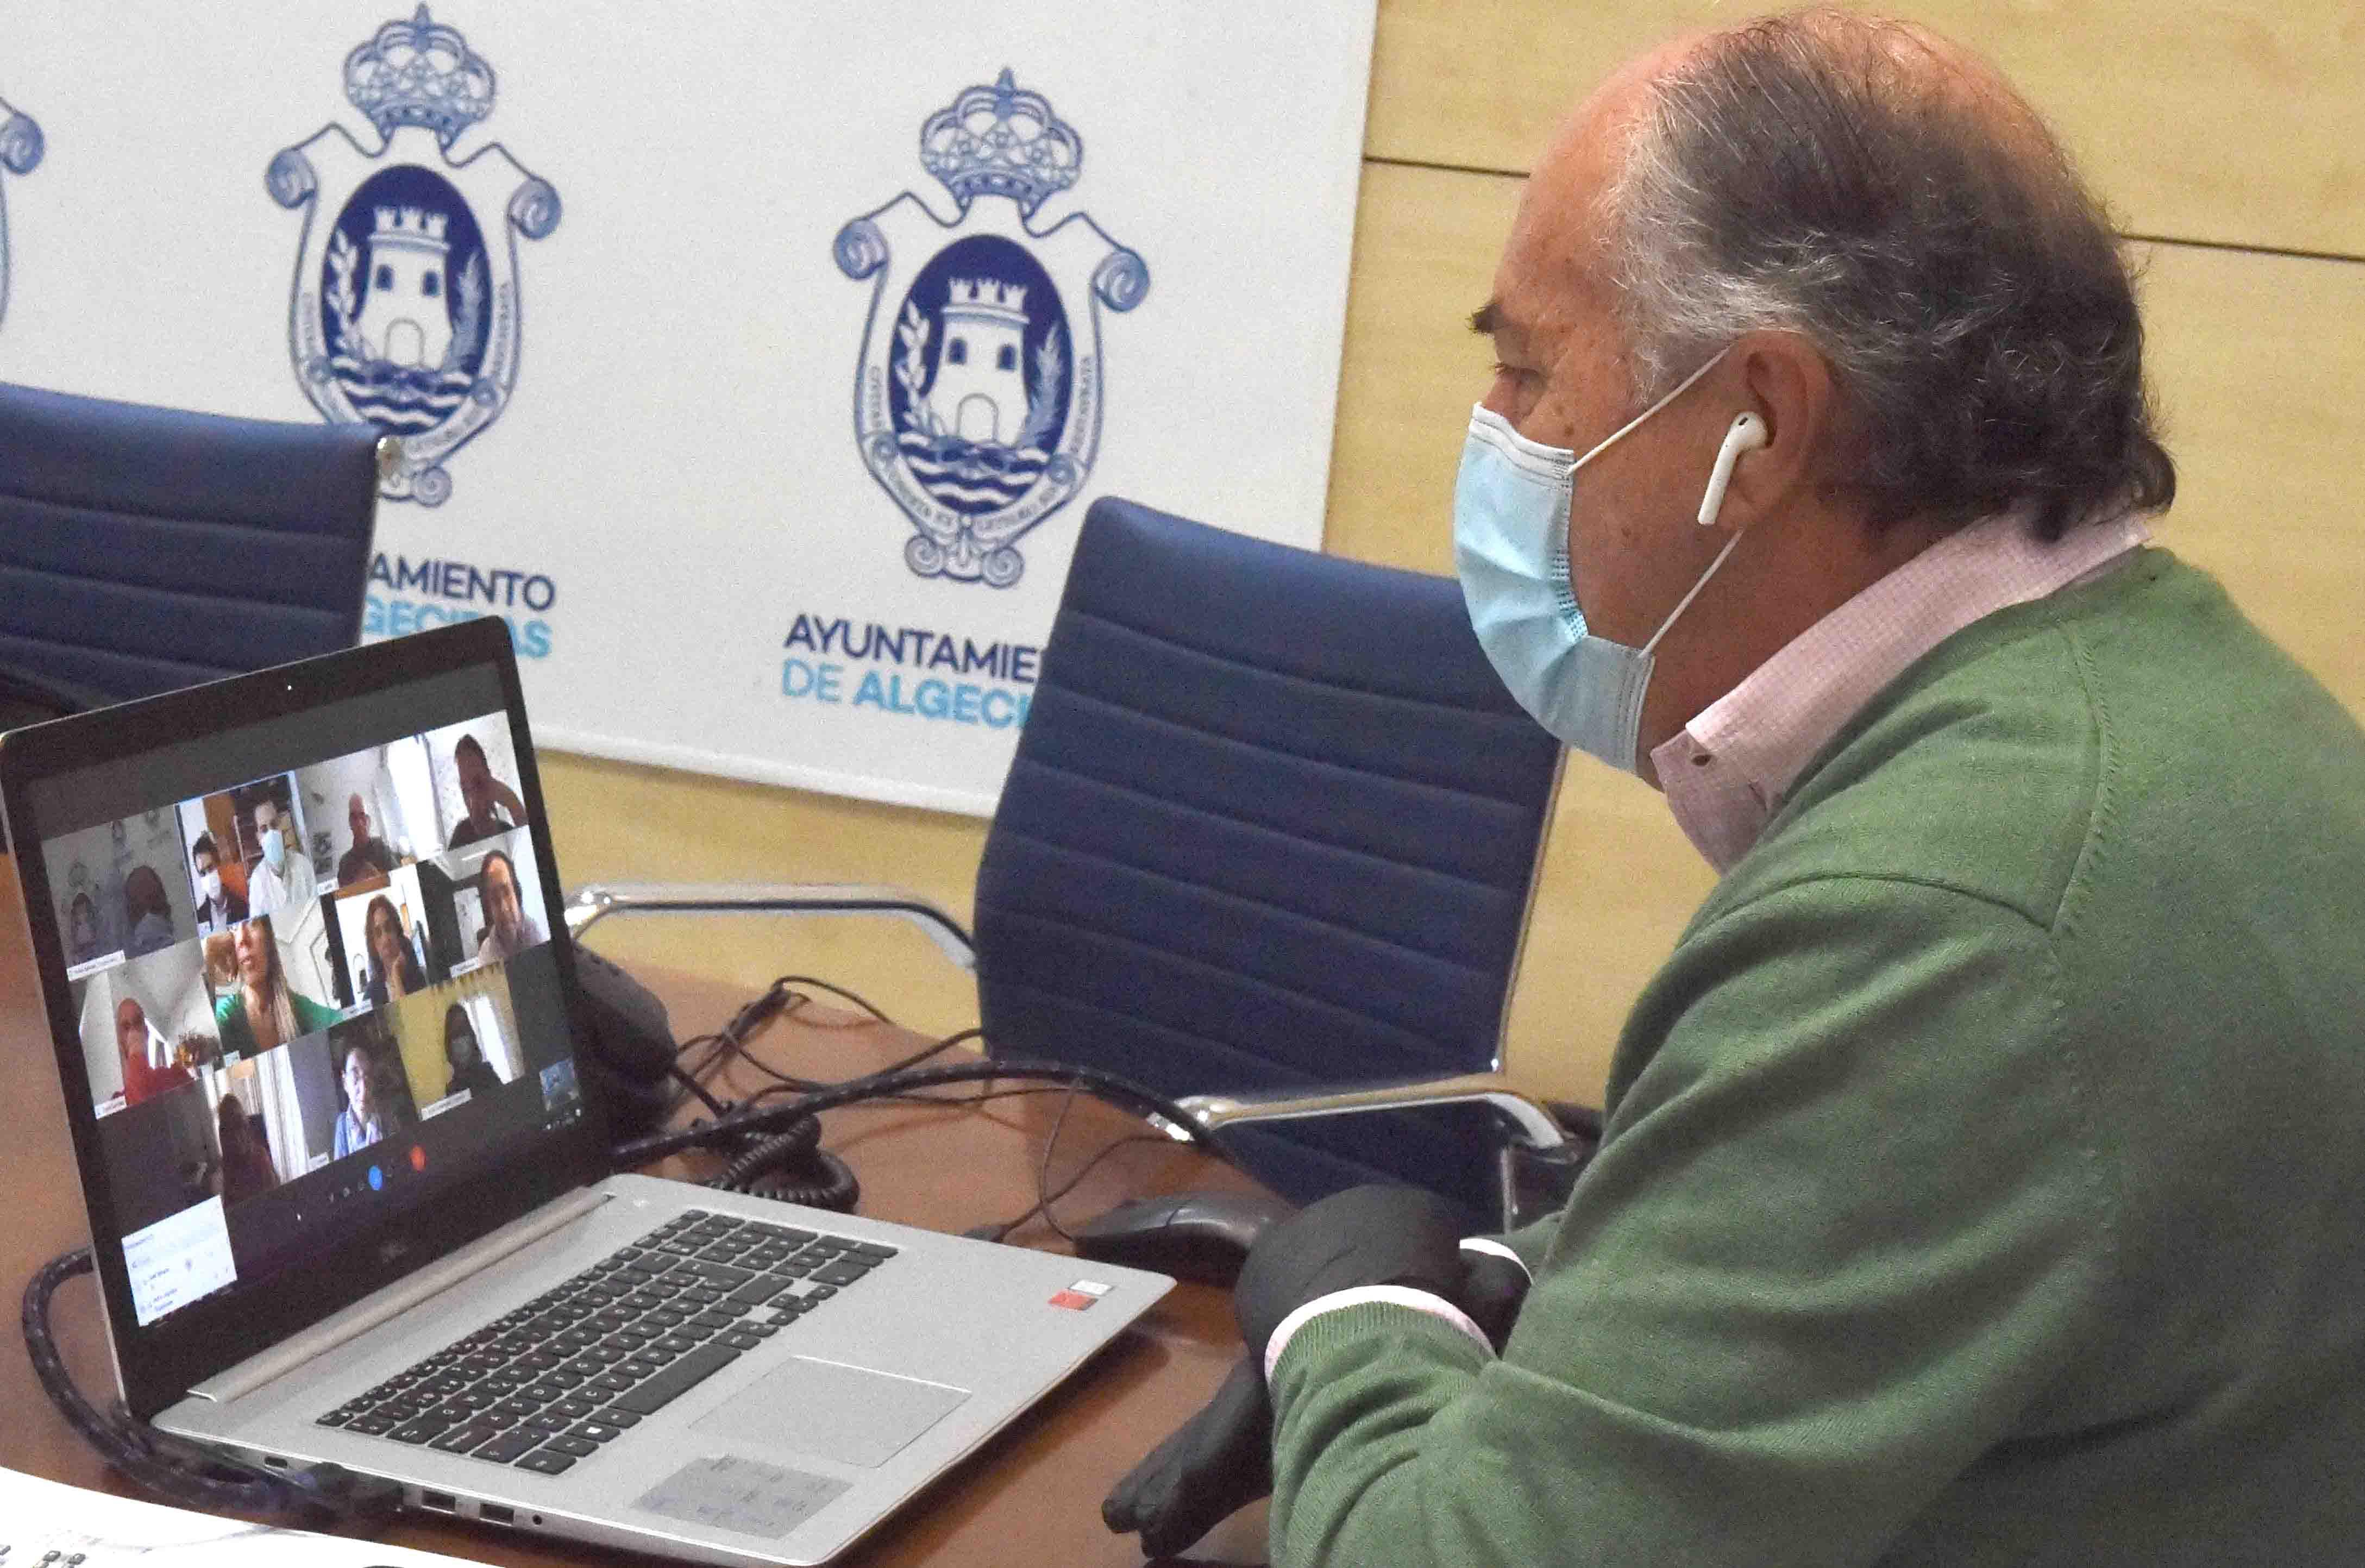 El centro de interpretación 'Paco de Lucía' en Algeciras sigue avanzando